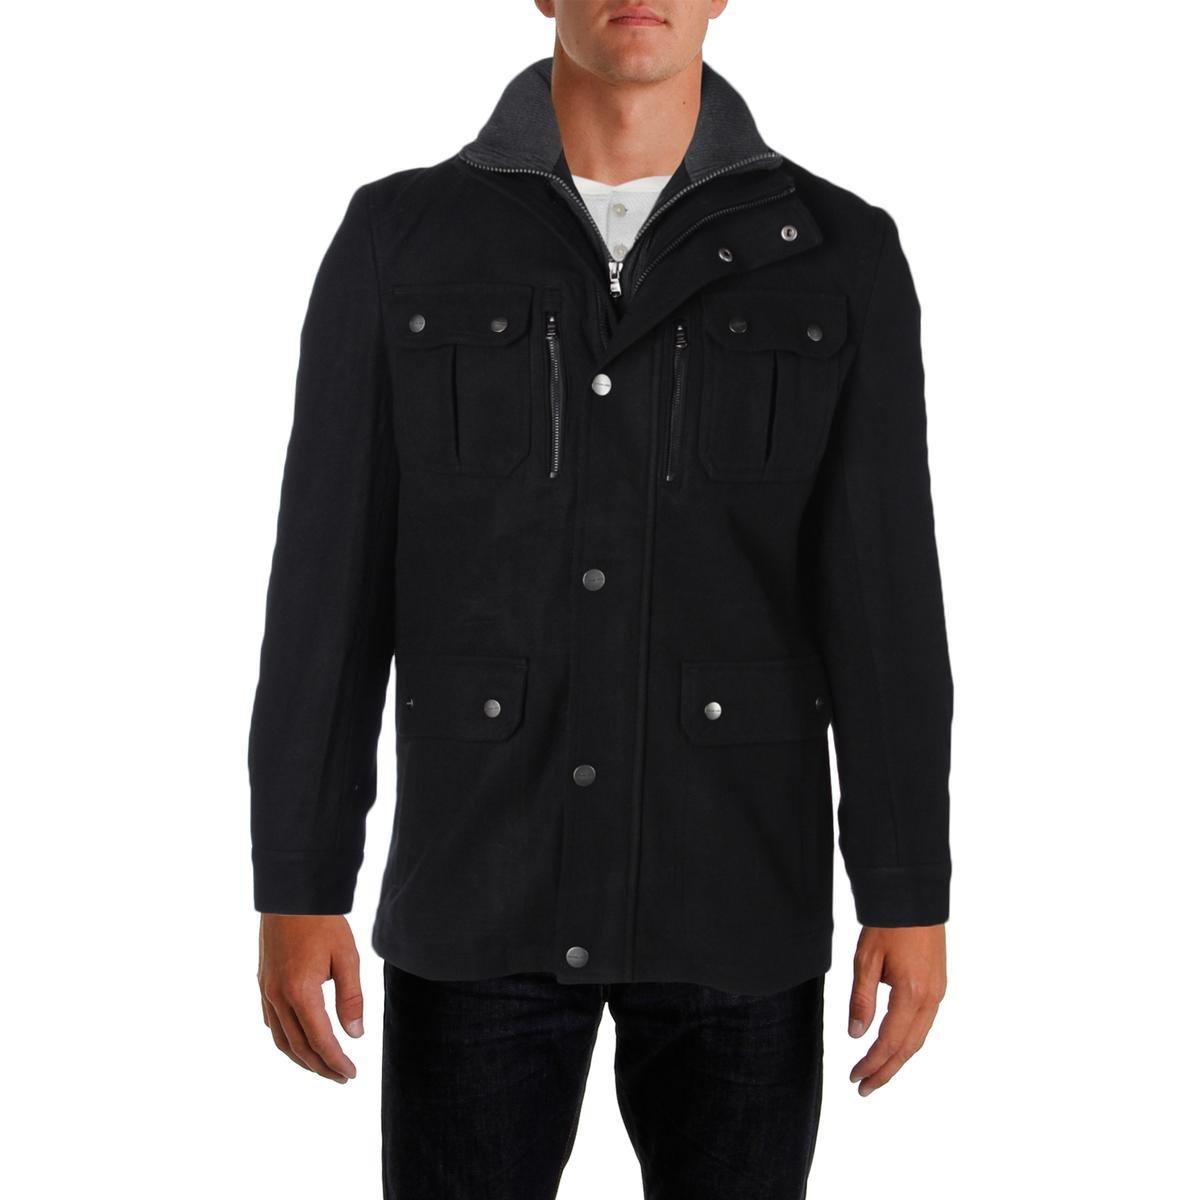 Michael Kors Mens Wool Attached Bib Field Coat Black S